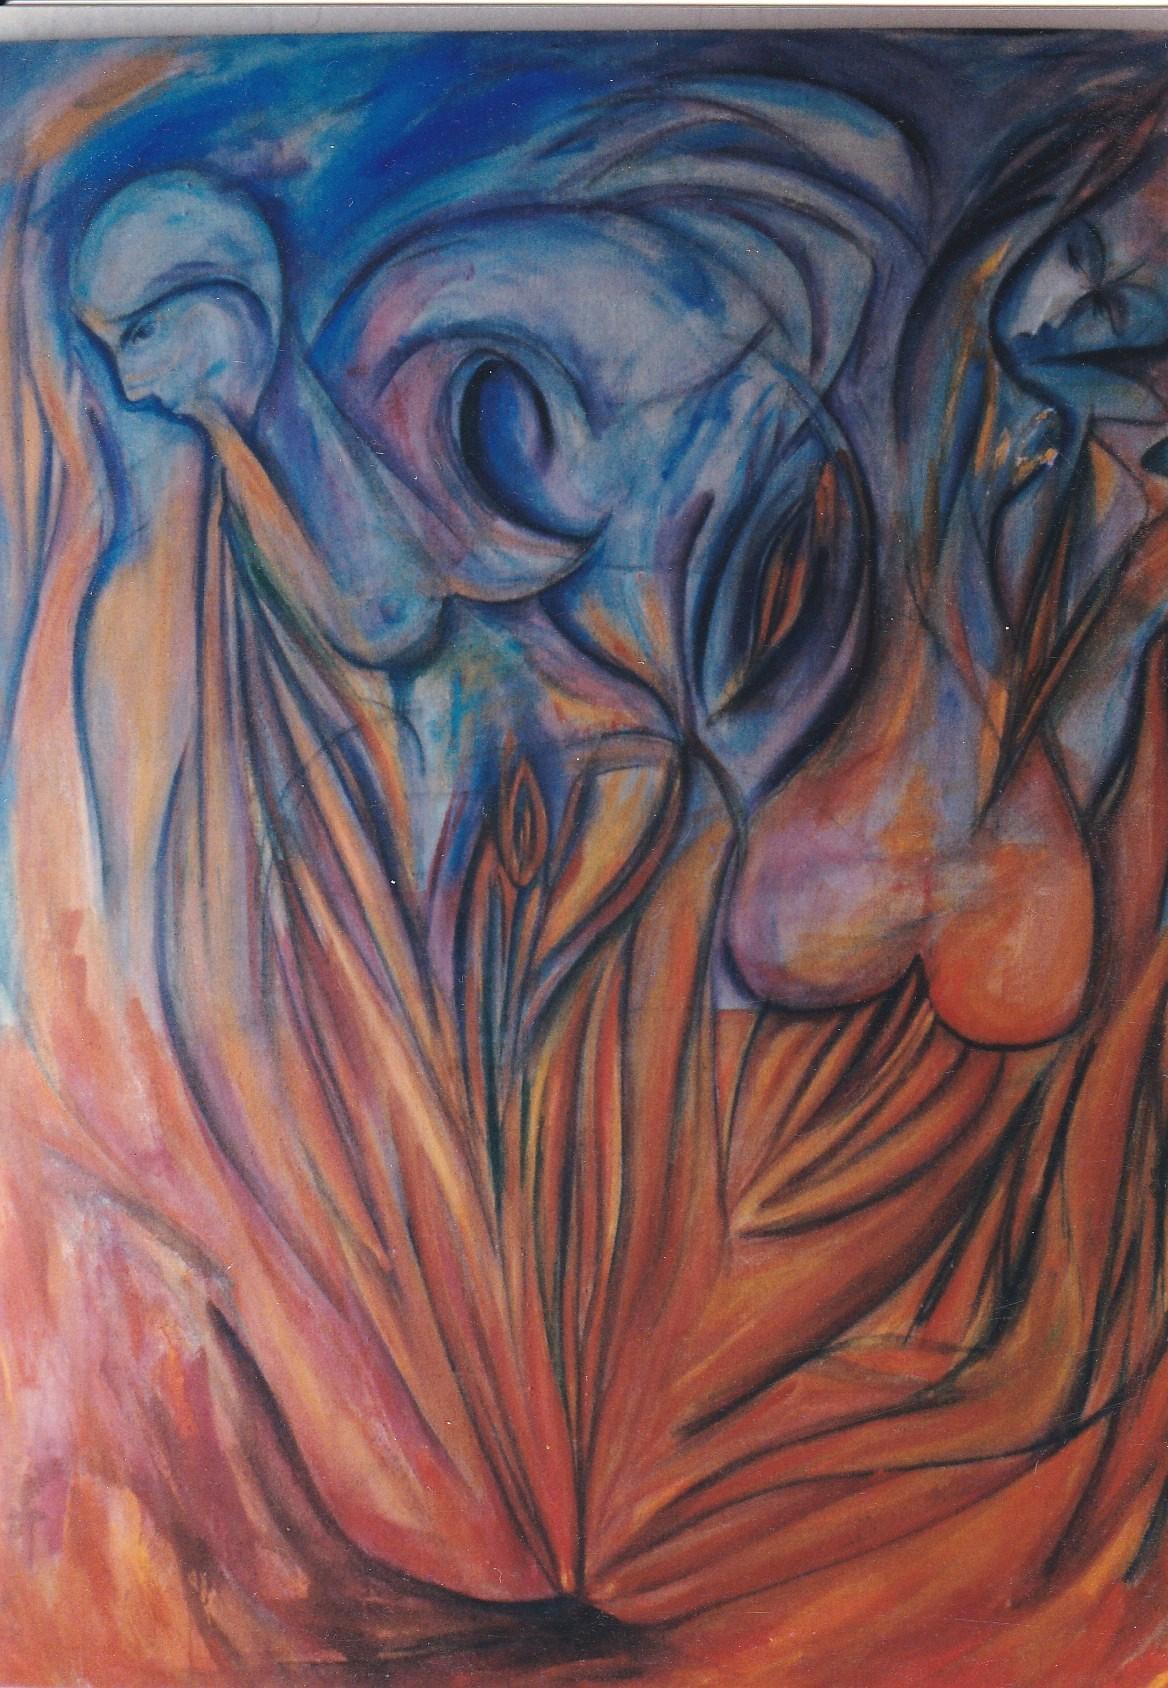 1995 Angels of desire.jpg